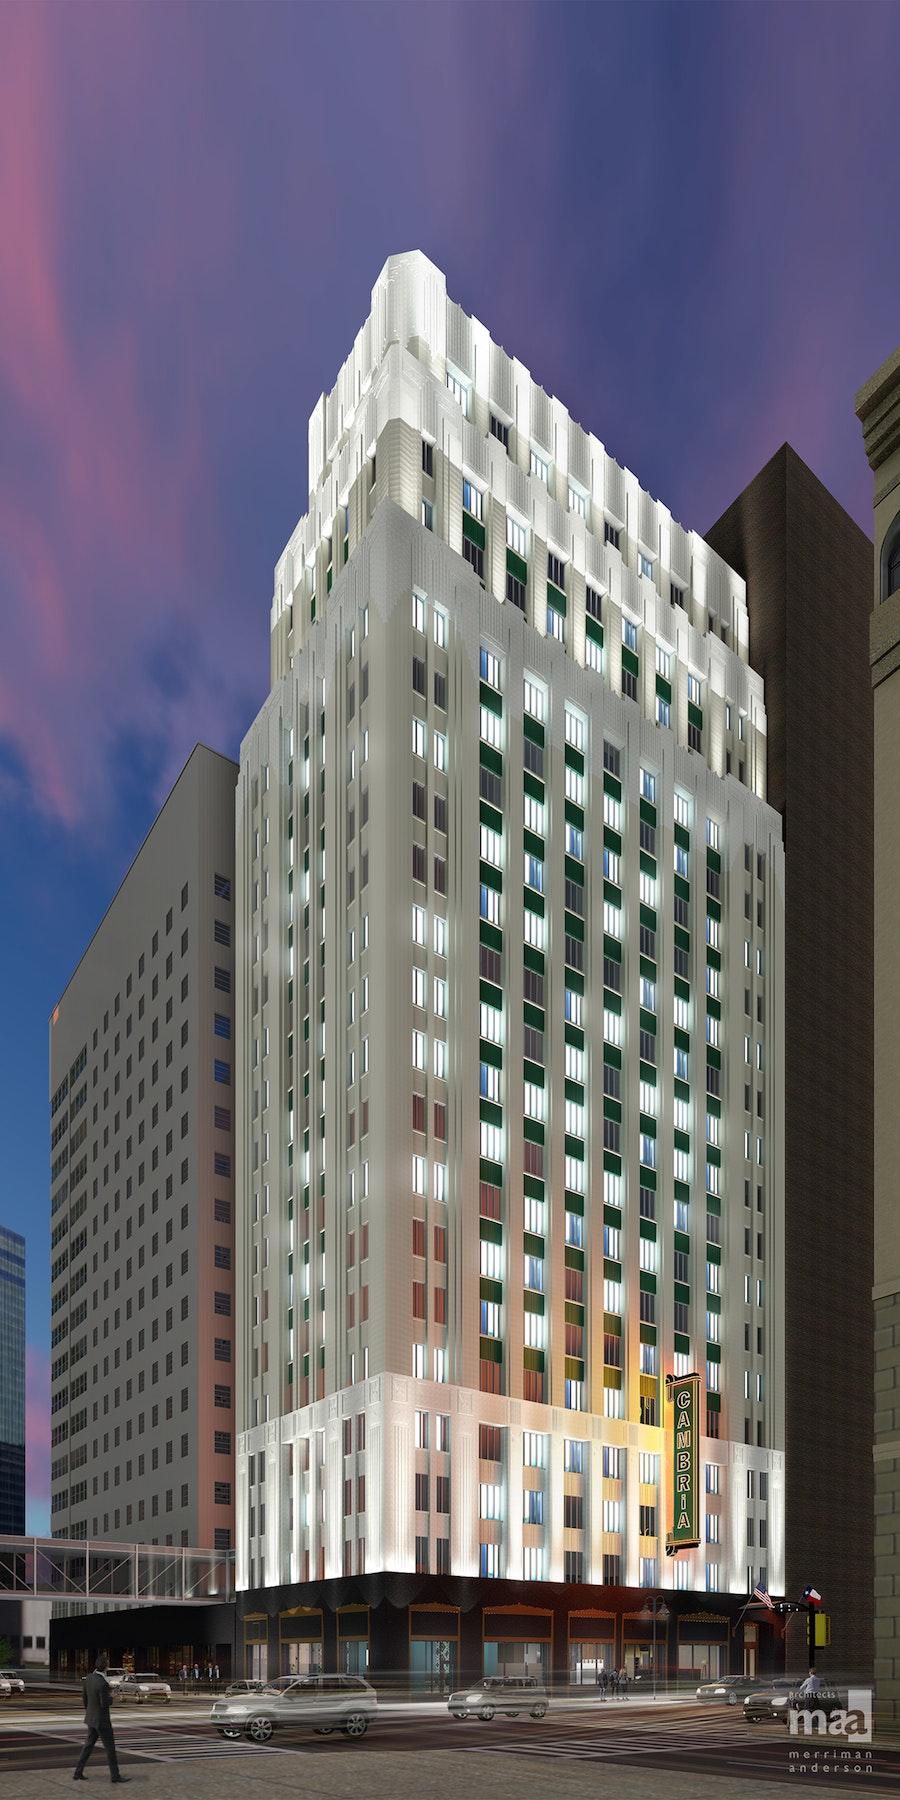 Cambria Hotel Dallas Downtown in Beyond Dallas